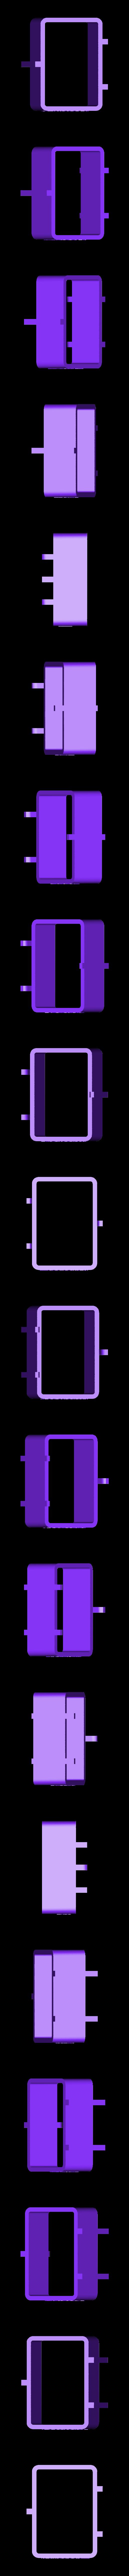 LFS_DIY_Sandcasting_box.STL Télécharger fichier STL gratuit DIY Sand casting kit • Objet pour imprimante 3D, leFabShop